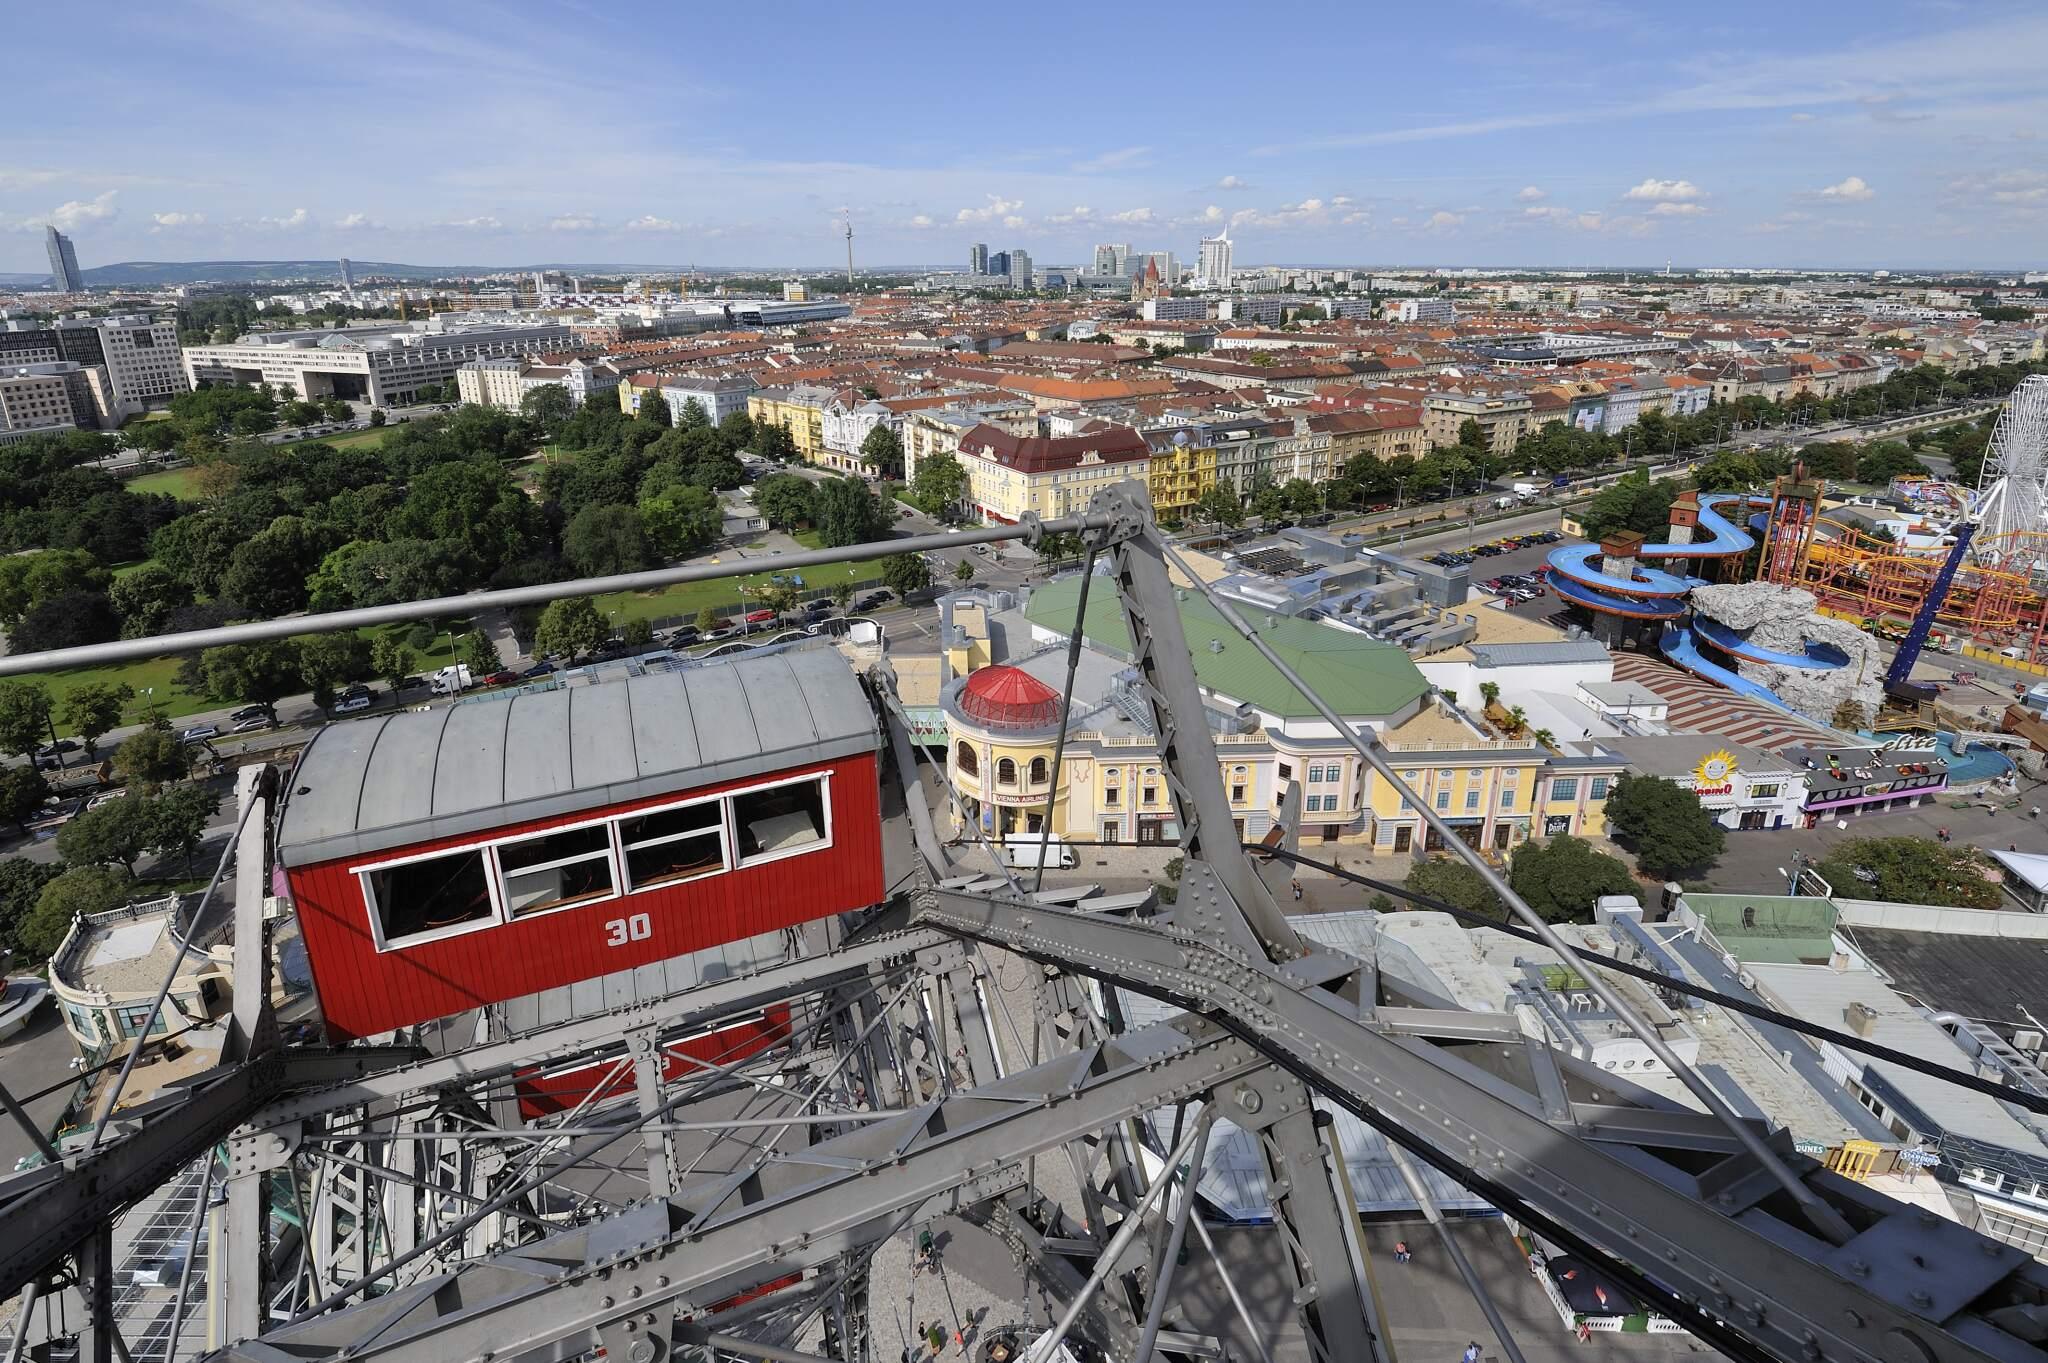 Ausblick über die Stadt Wien vom Riesenrad im Prater (2. Bezirk)